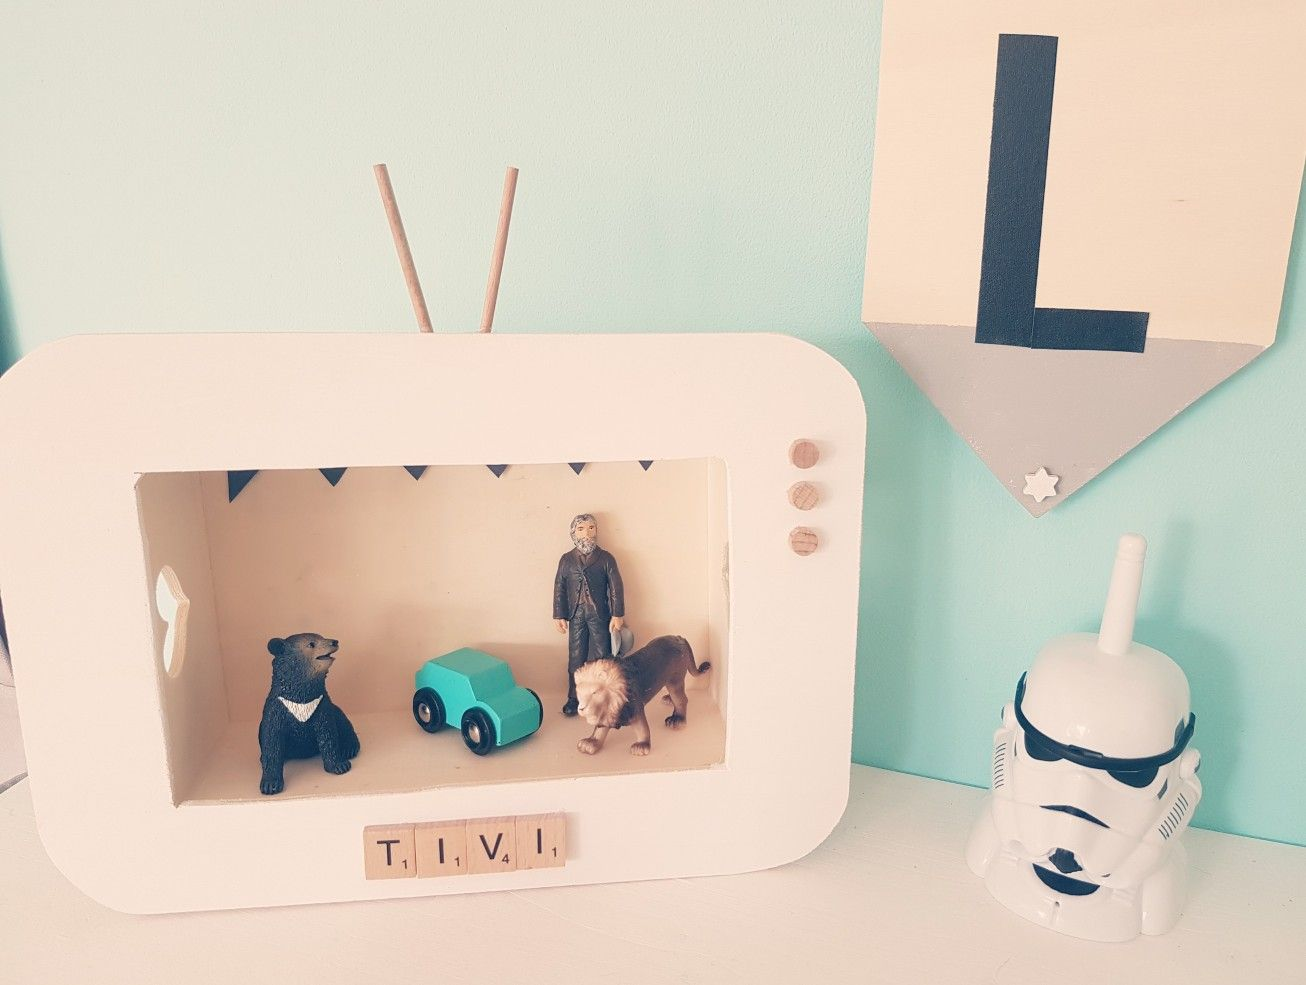 #Kinder TV, DiY, Holzbox, Kinderzimmer#